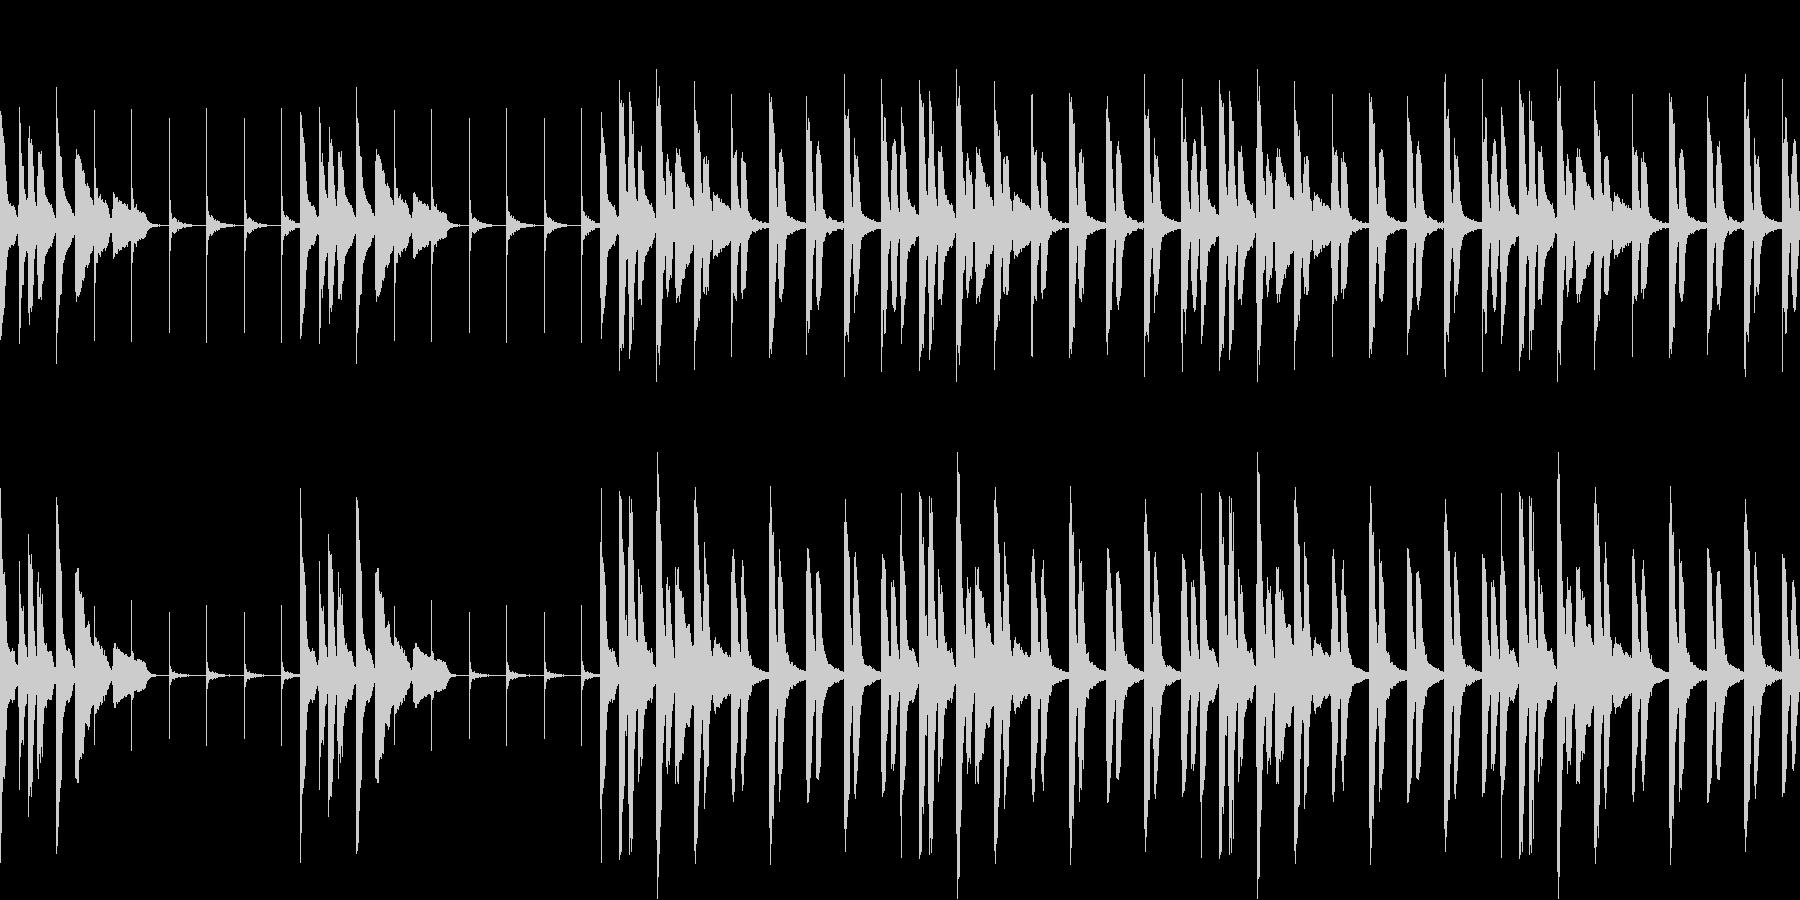 ゆるく迷っている時の曲(ループ仕様)の未再生の波形